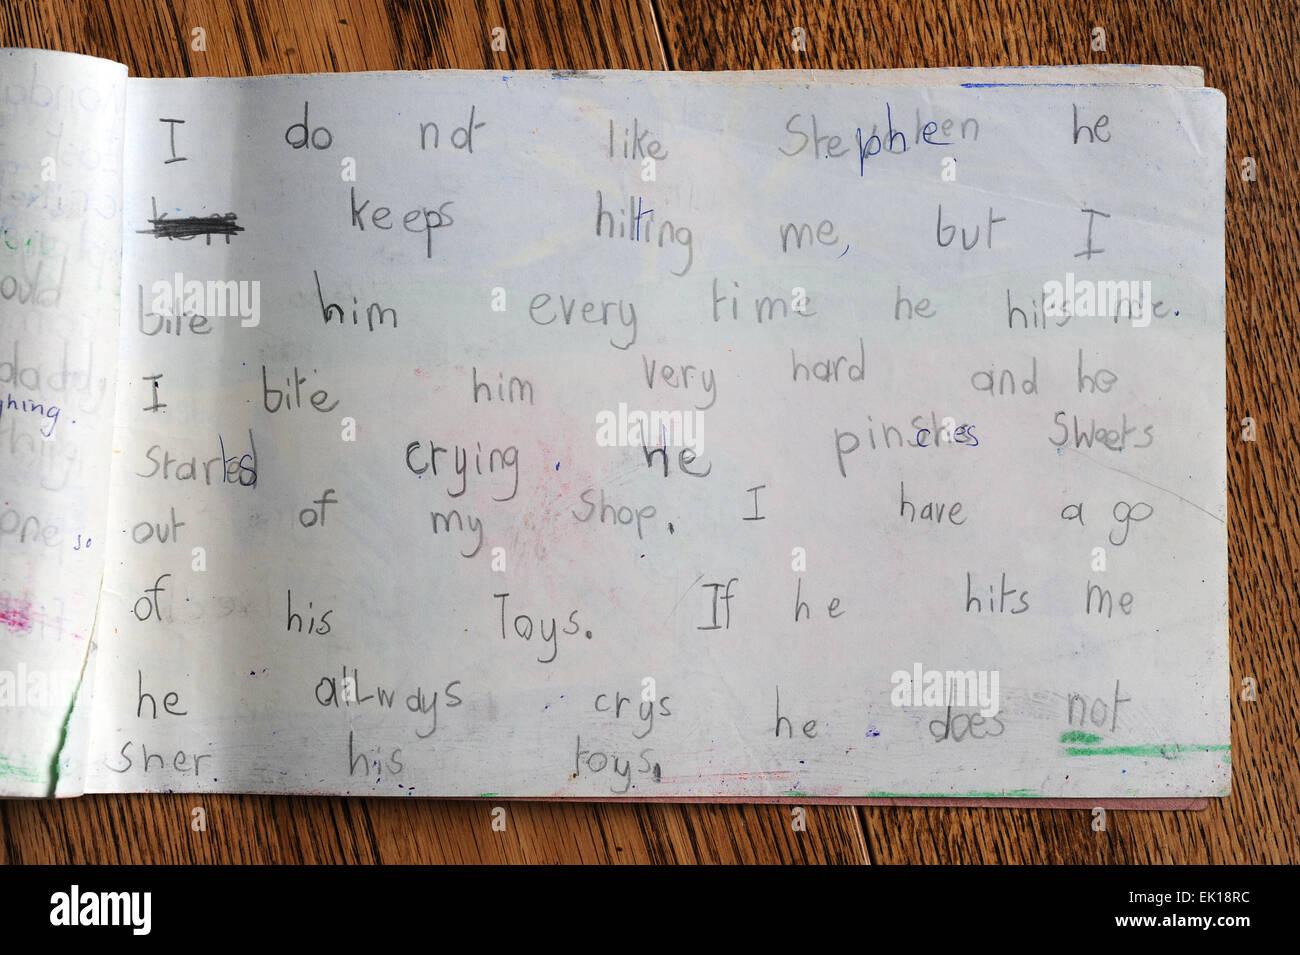 Diairies de enfants de l'école primaire au Royaume-Uni Photo Stock